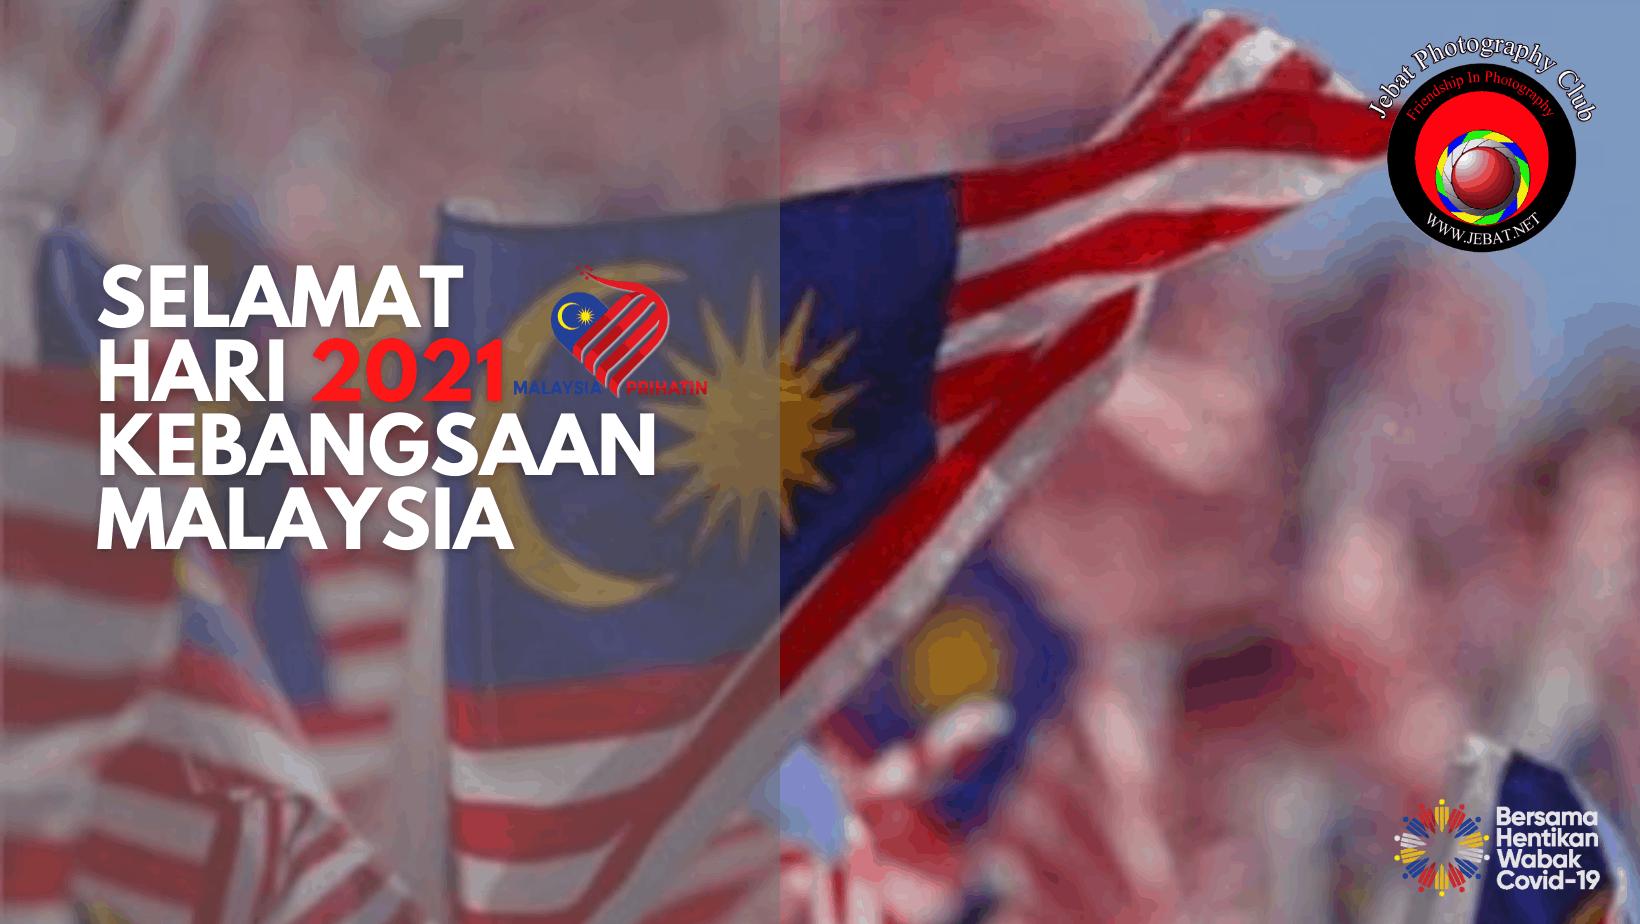 Selamat Hari Kebangsaan Malaysia